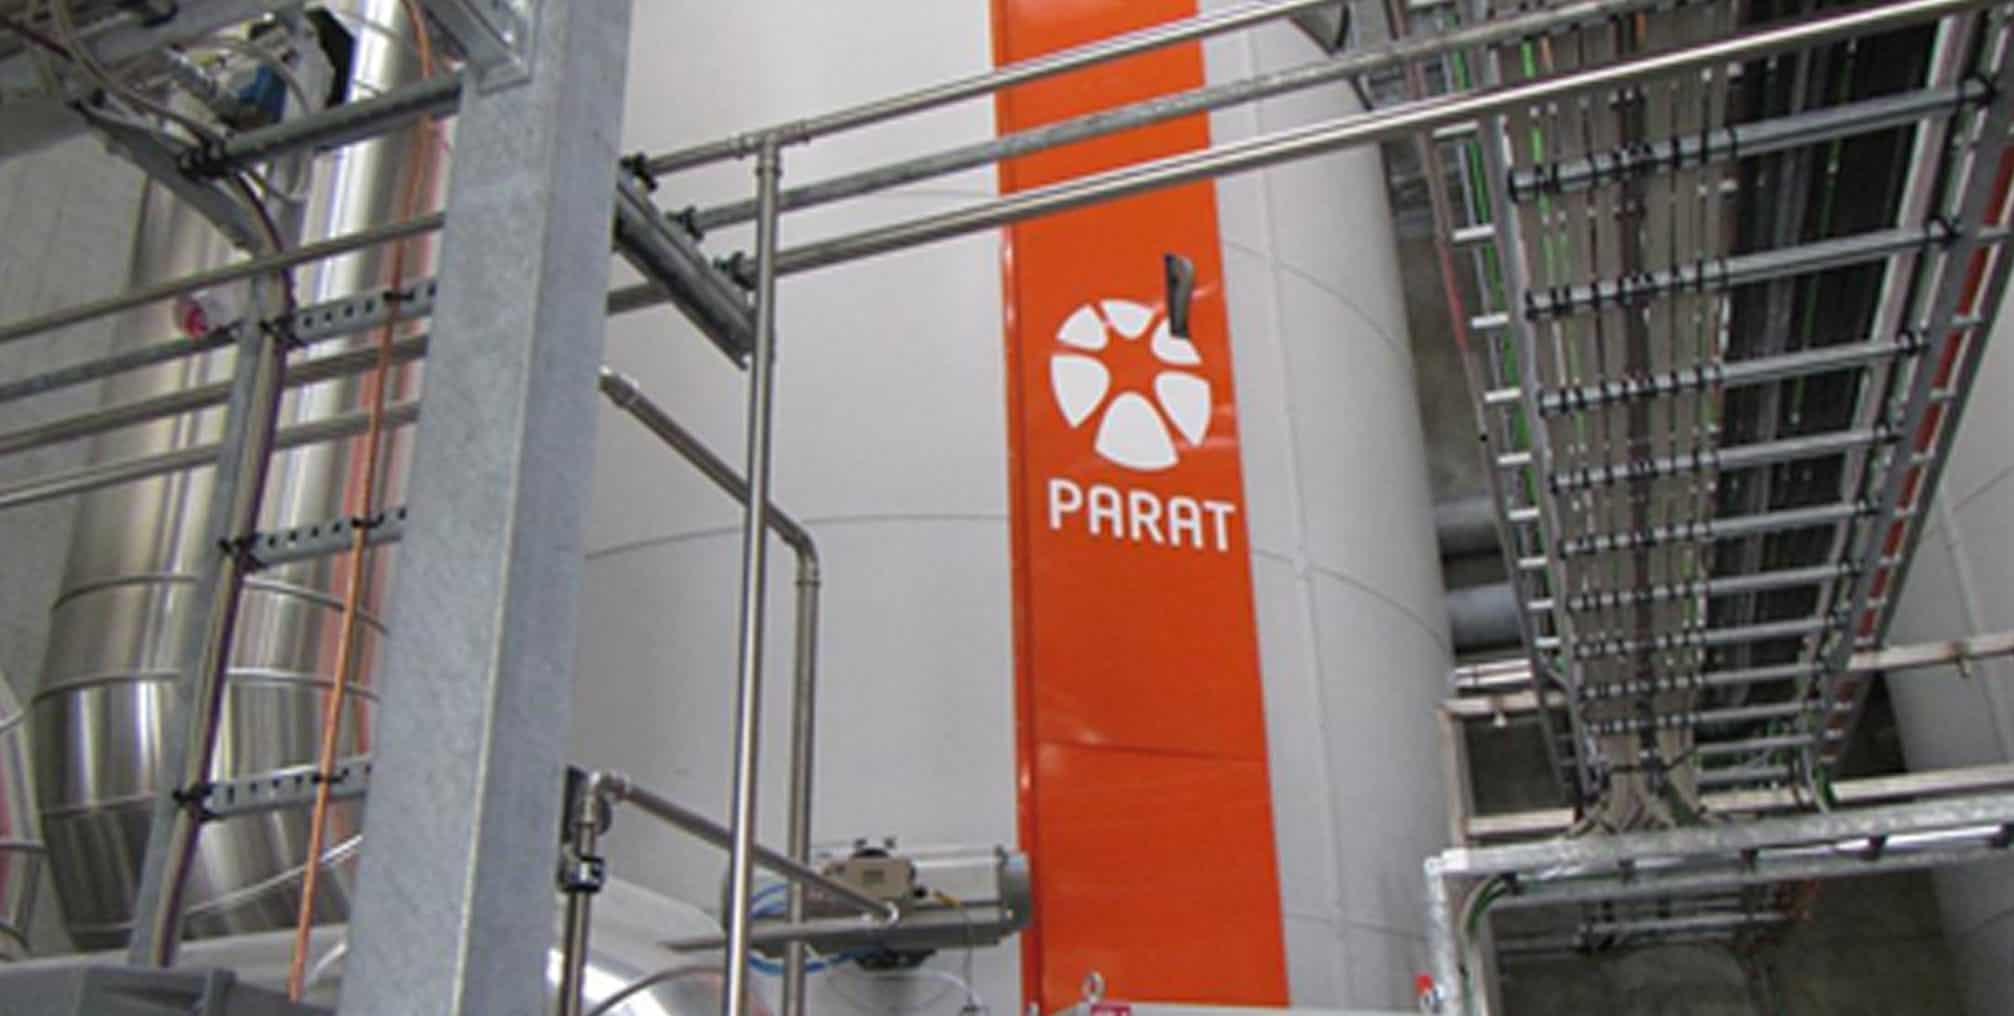 Electric boilers make energy greener in Aarhus